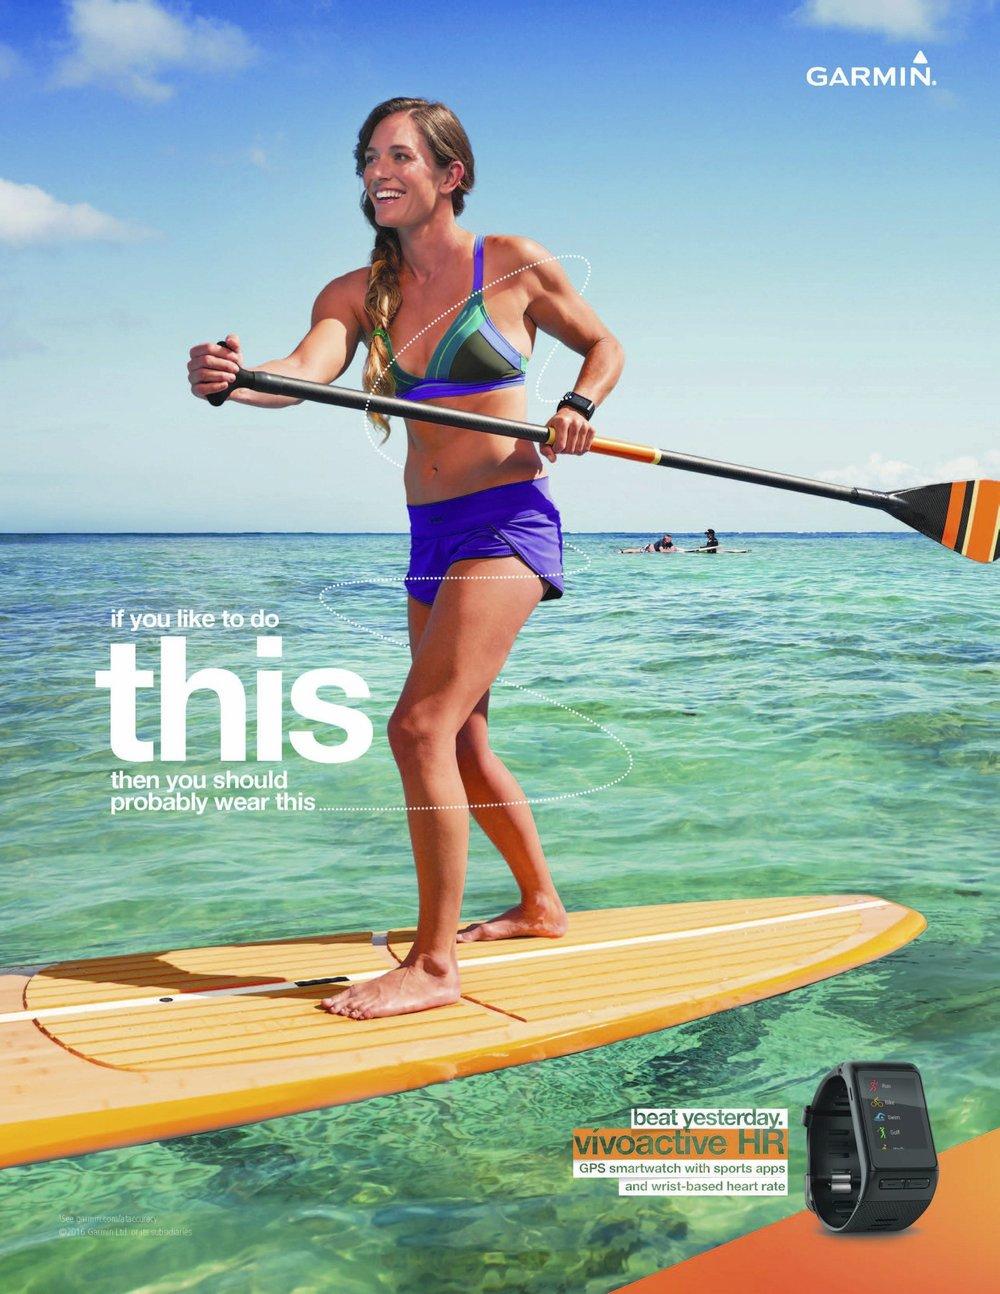 garmin.paddleboard.jpg